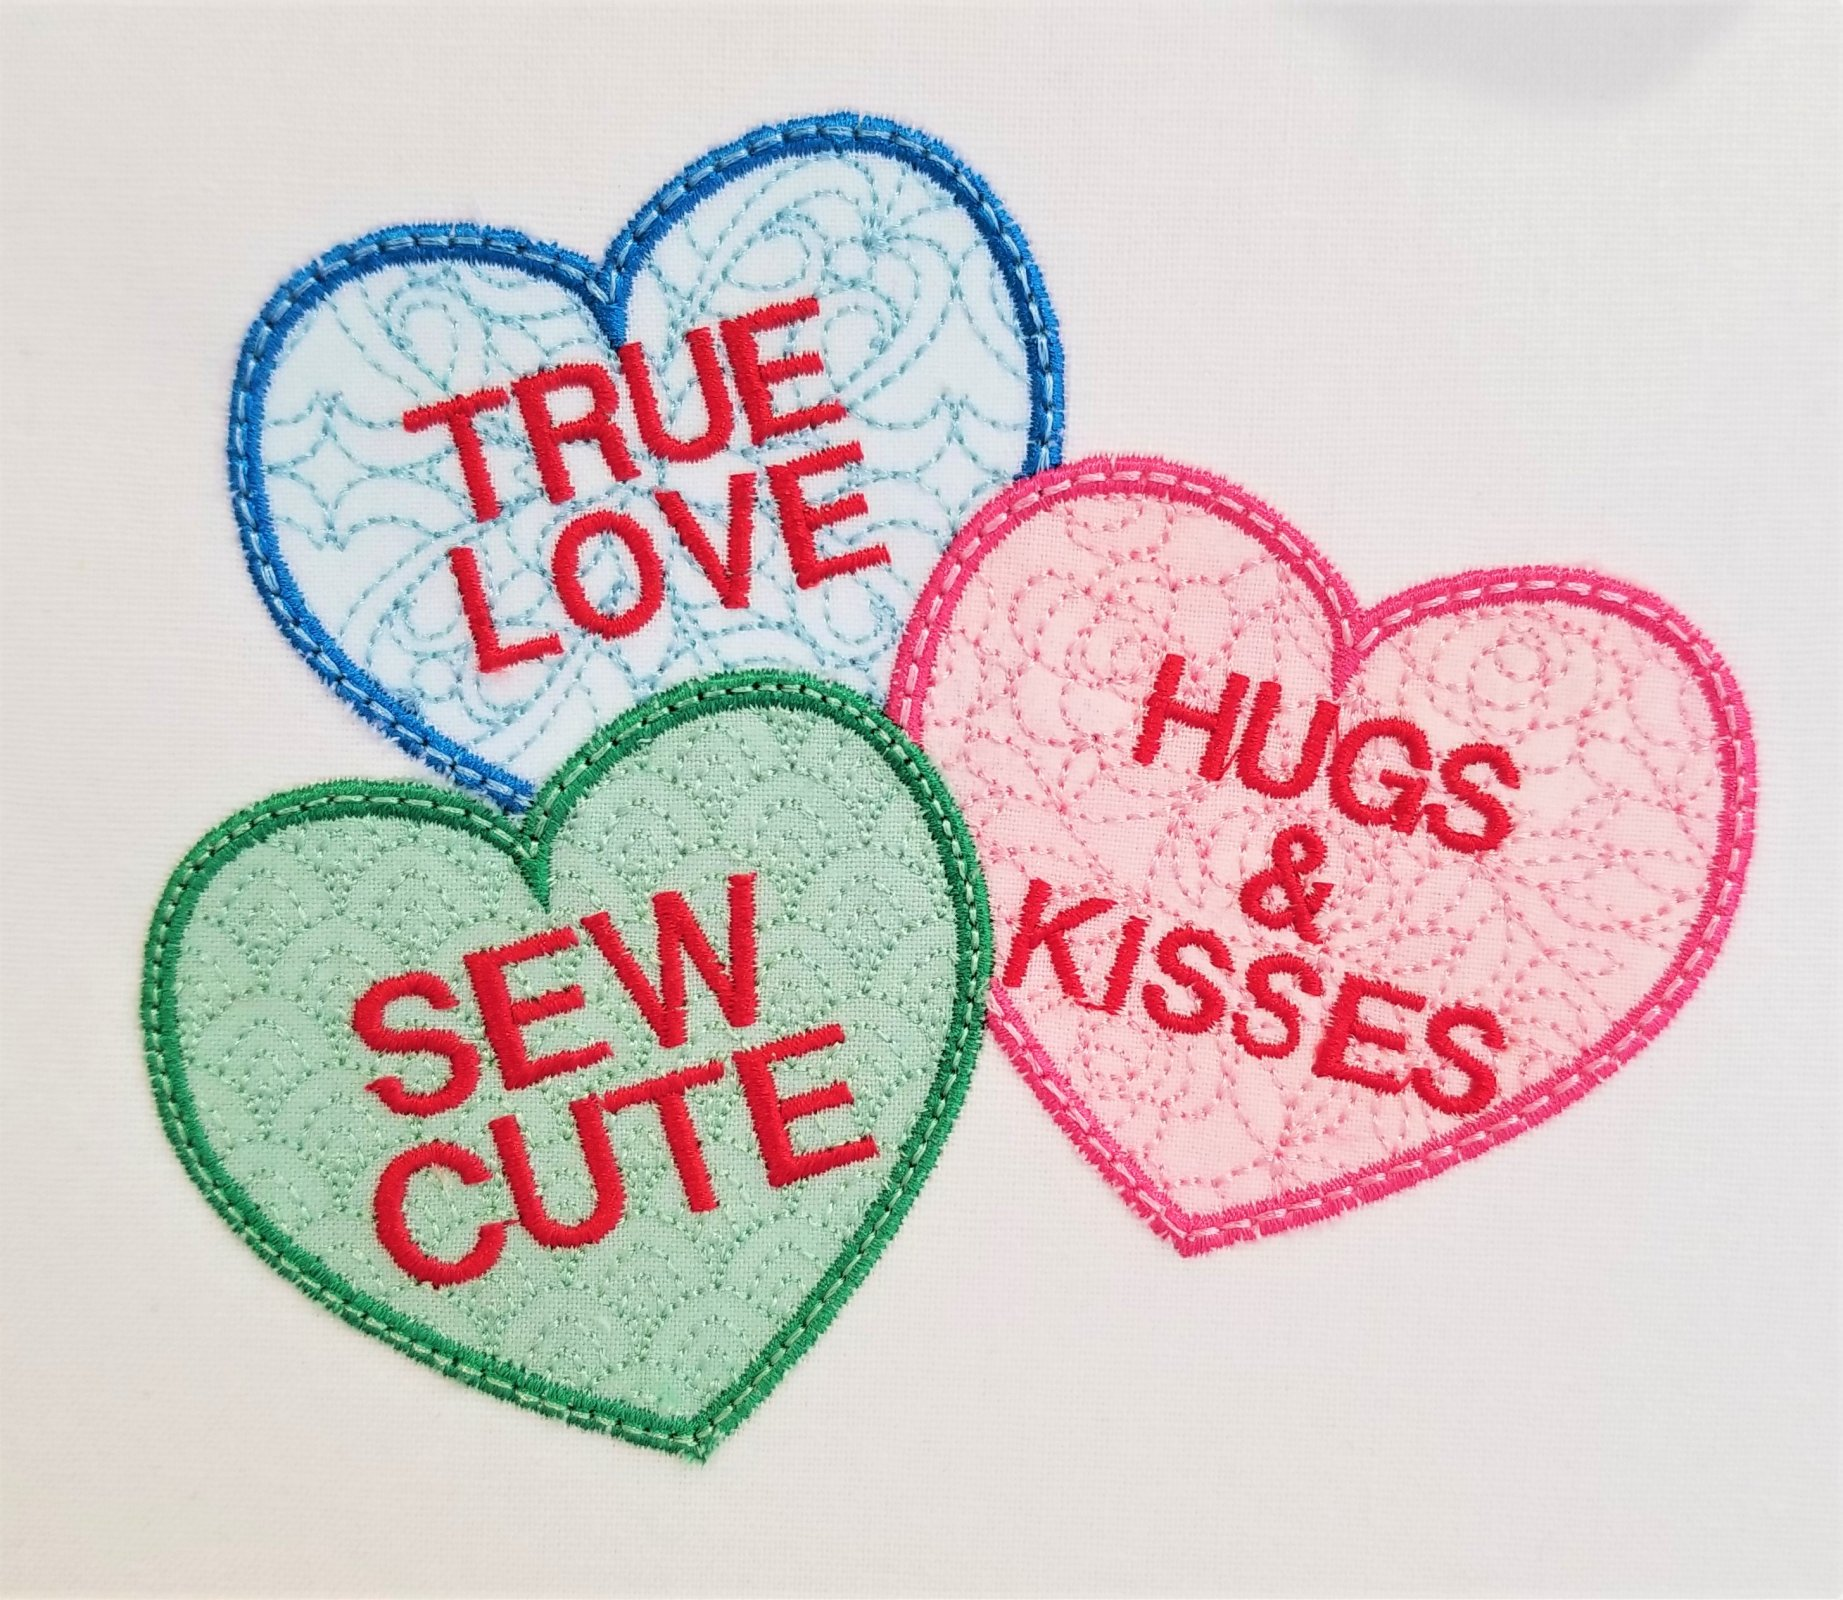 CBF Sew Cute Sweethearts Applique Embroidery Design